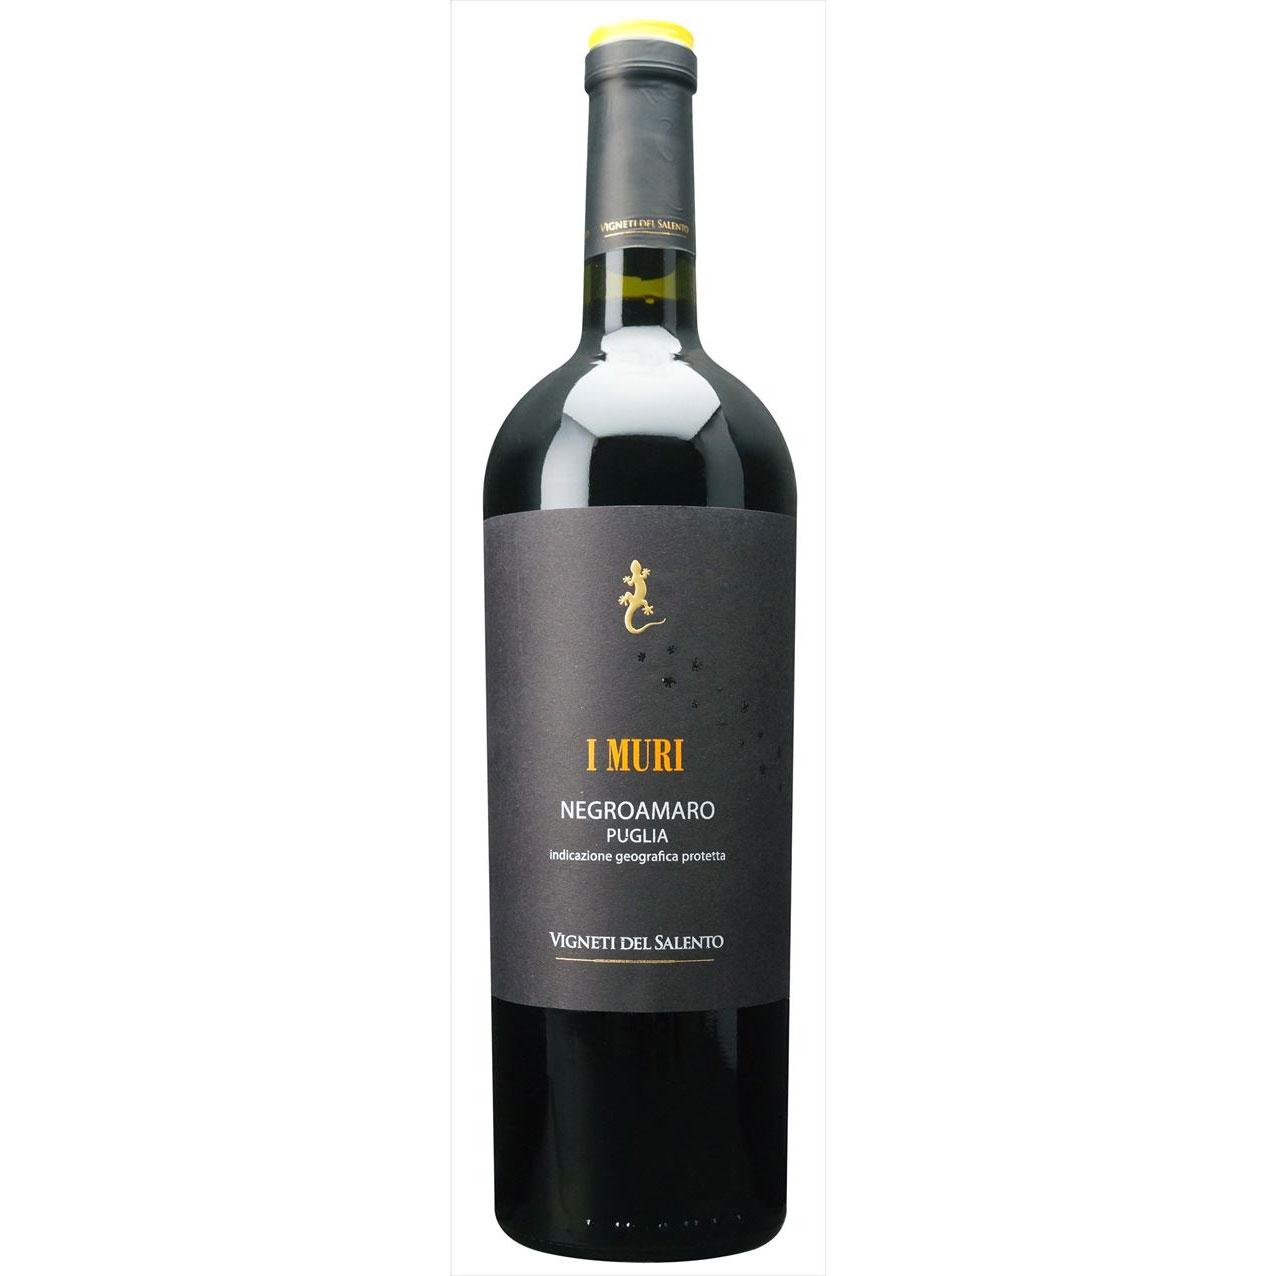 【ラッキーシール対応】母の日 ギフト イムリ ネグロアマーロ ヴィニエティ デル サレント 赤 750ml 12本 イタリア プーリア 赤ワイン 送料無料 コンビニ受取対応商品 ヴィンテージ管理しておりません、変わる場合があります